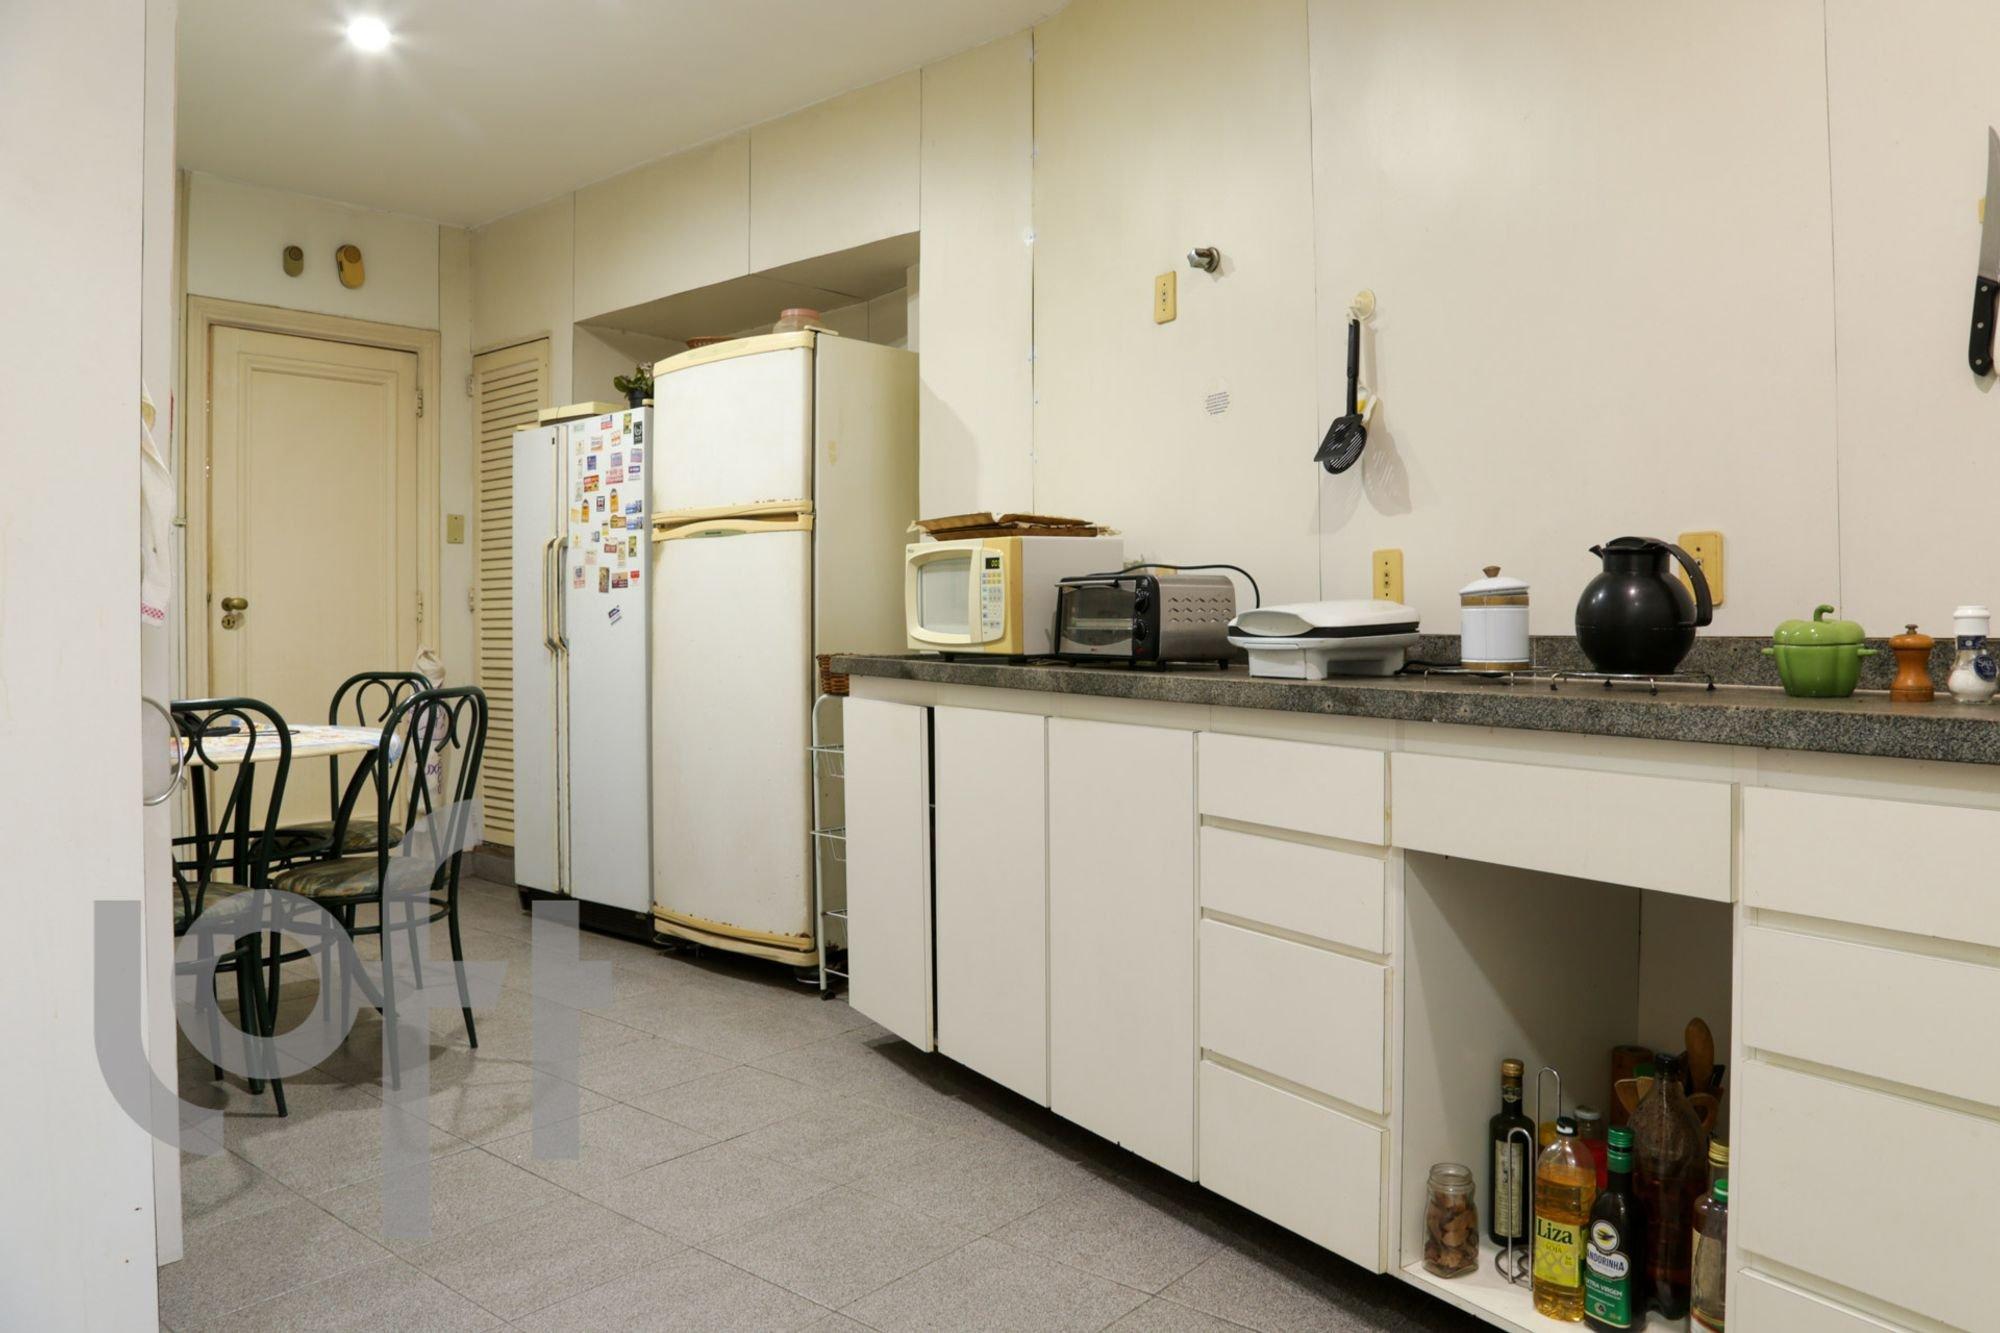 Foto de Cozinha com vaso, garrafa, geladeira, cadeira, microondas